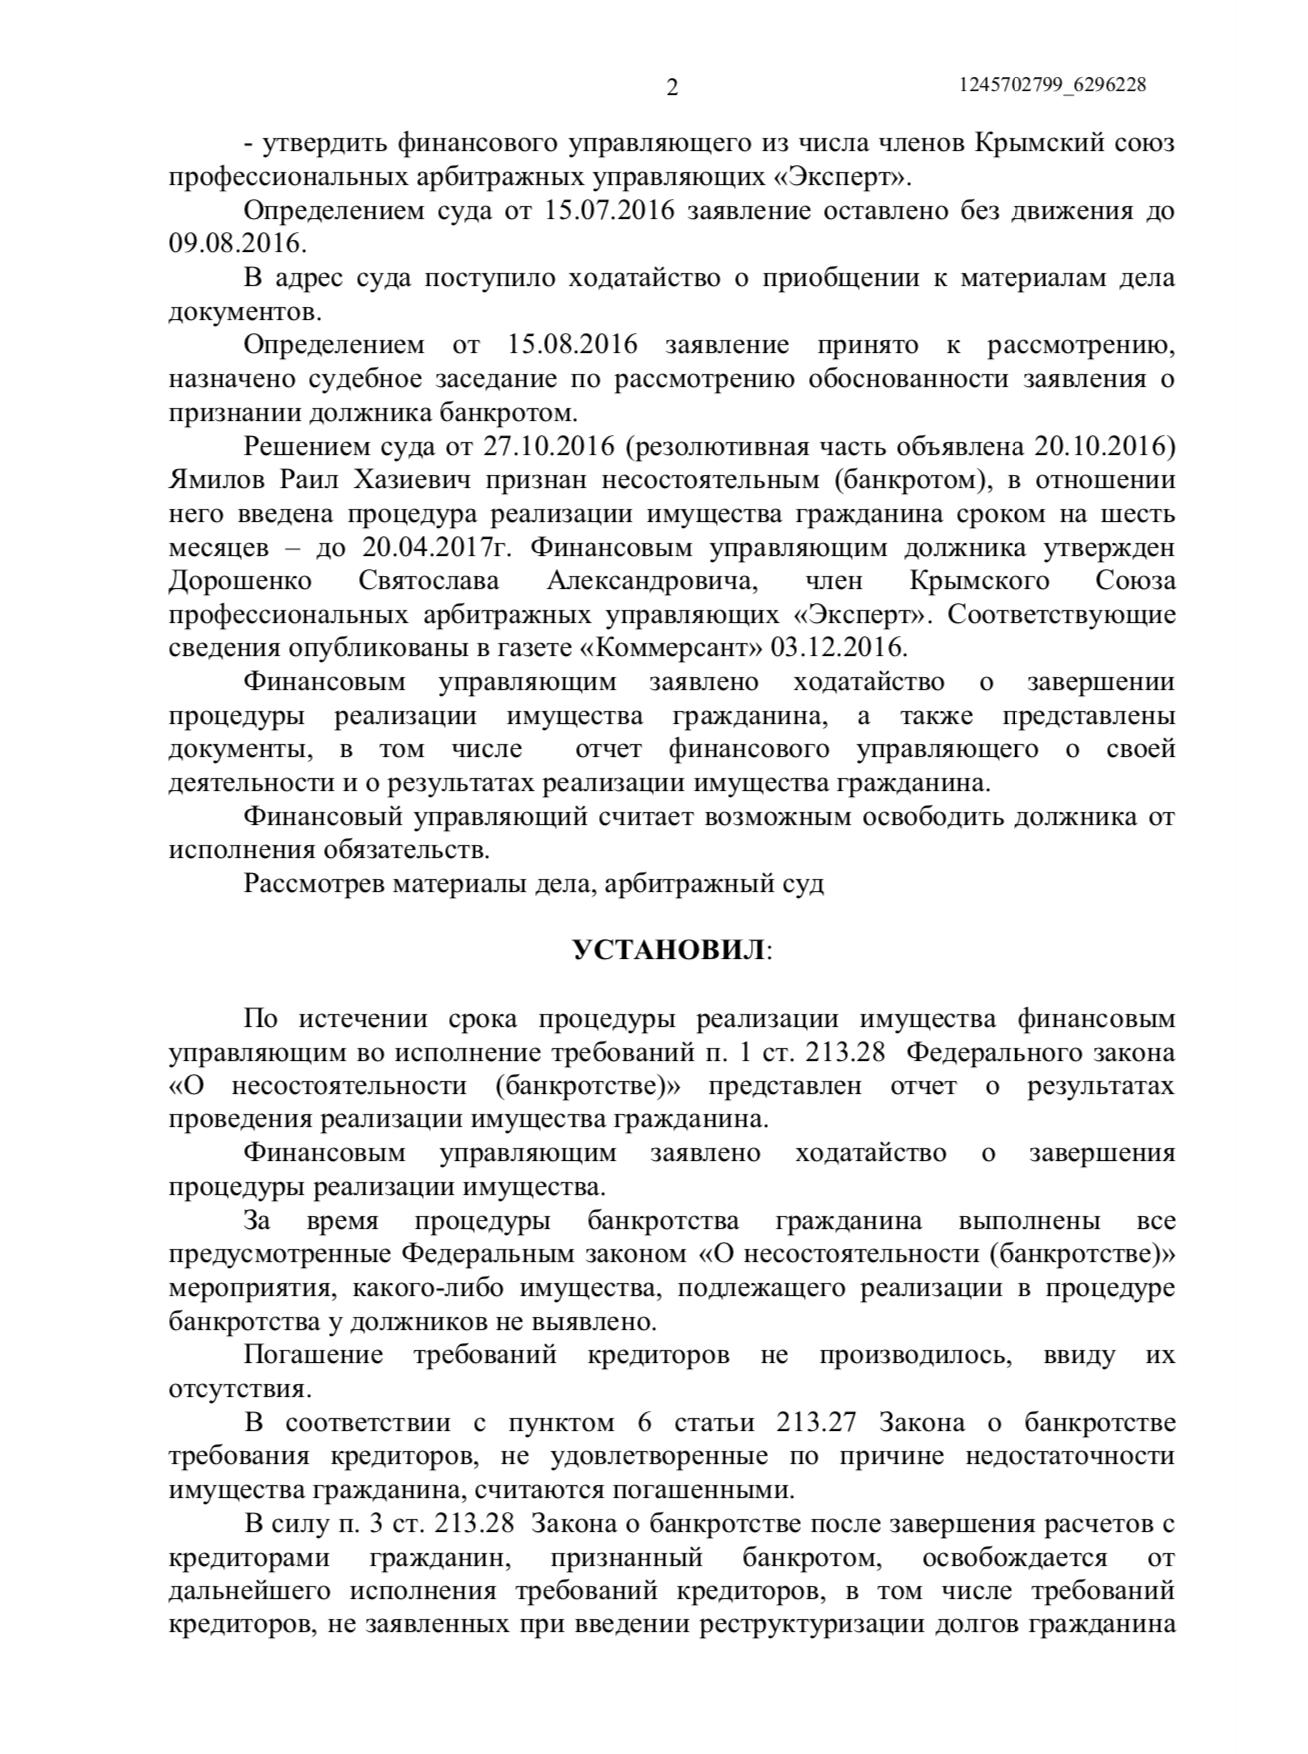 заявление в арбитраж о банкротстве должника